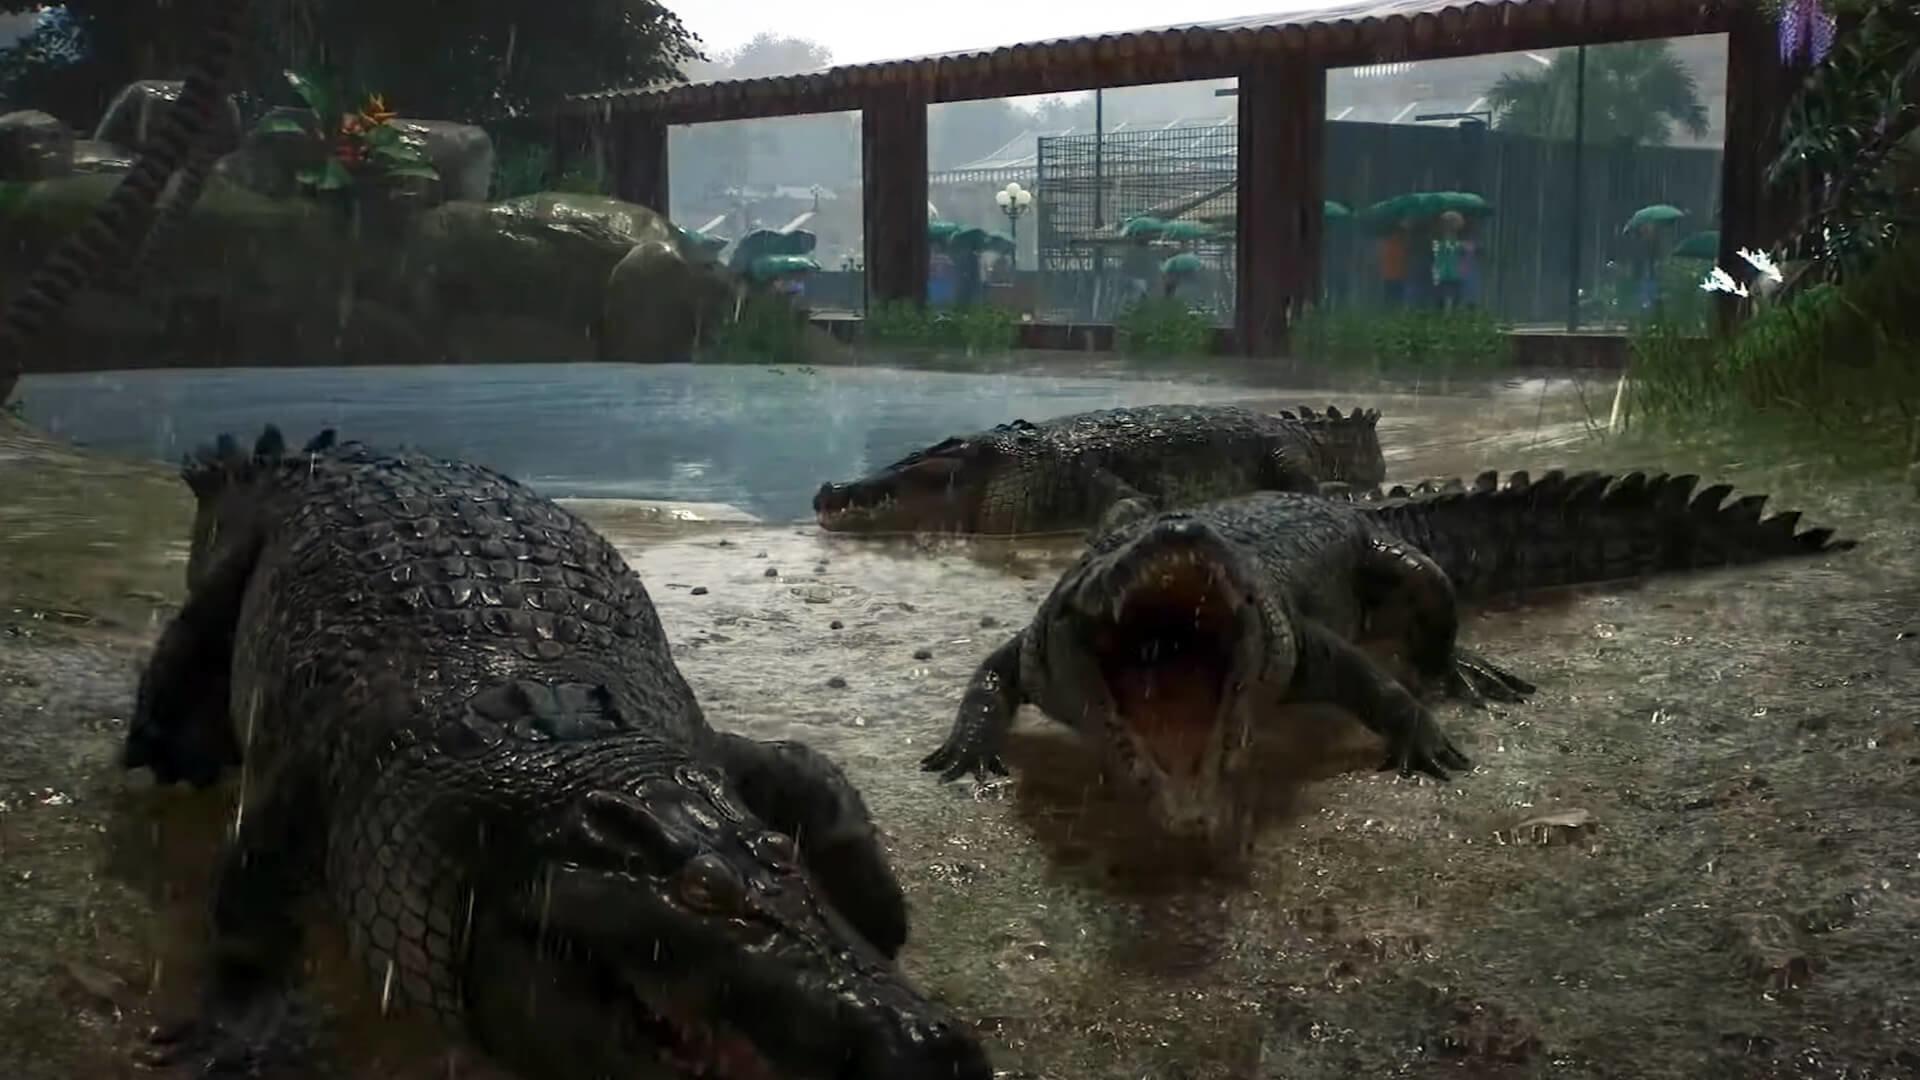 Planet-Zoo-Gameplay-Trailer-crocodile.jpg.13014b33e8a394c5ce9812c63db01dd4